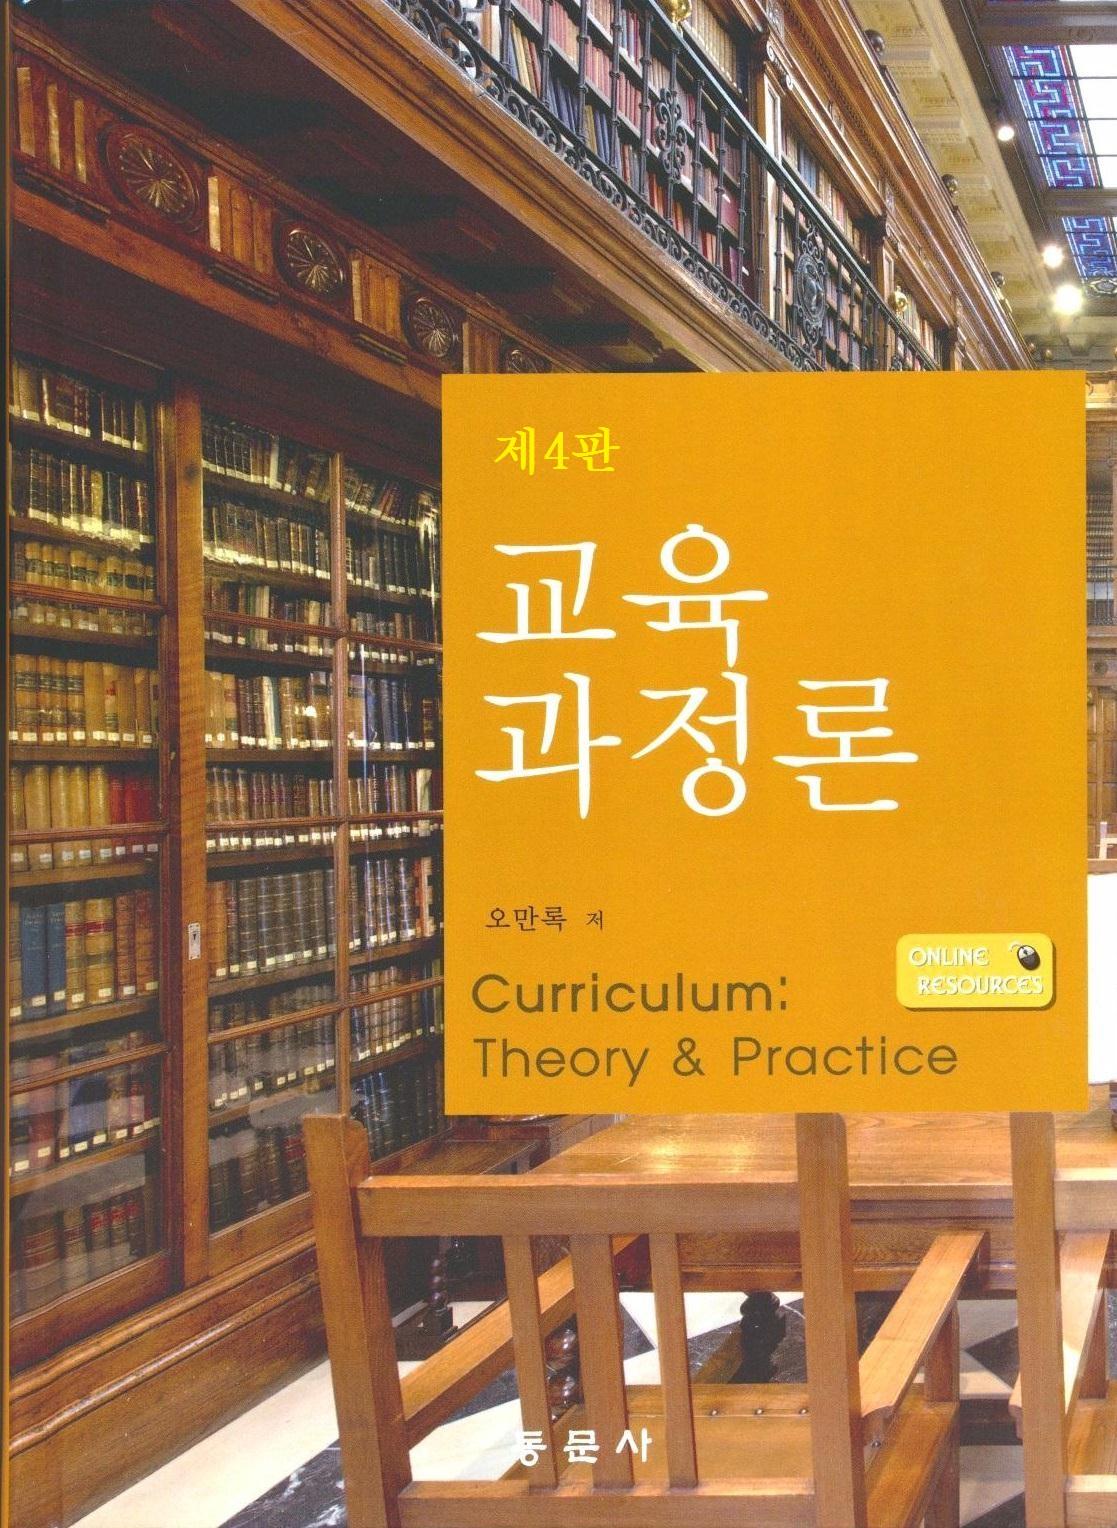 교육과정론(제4판, 오만록저) 표지.jpg